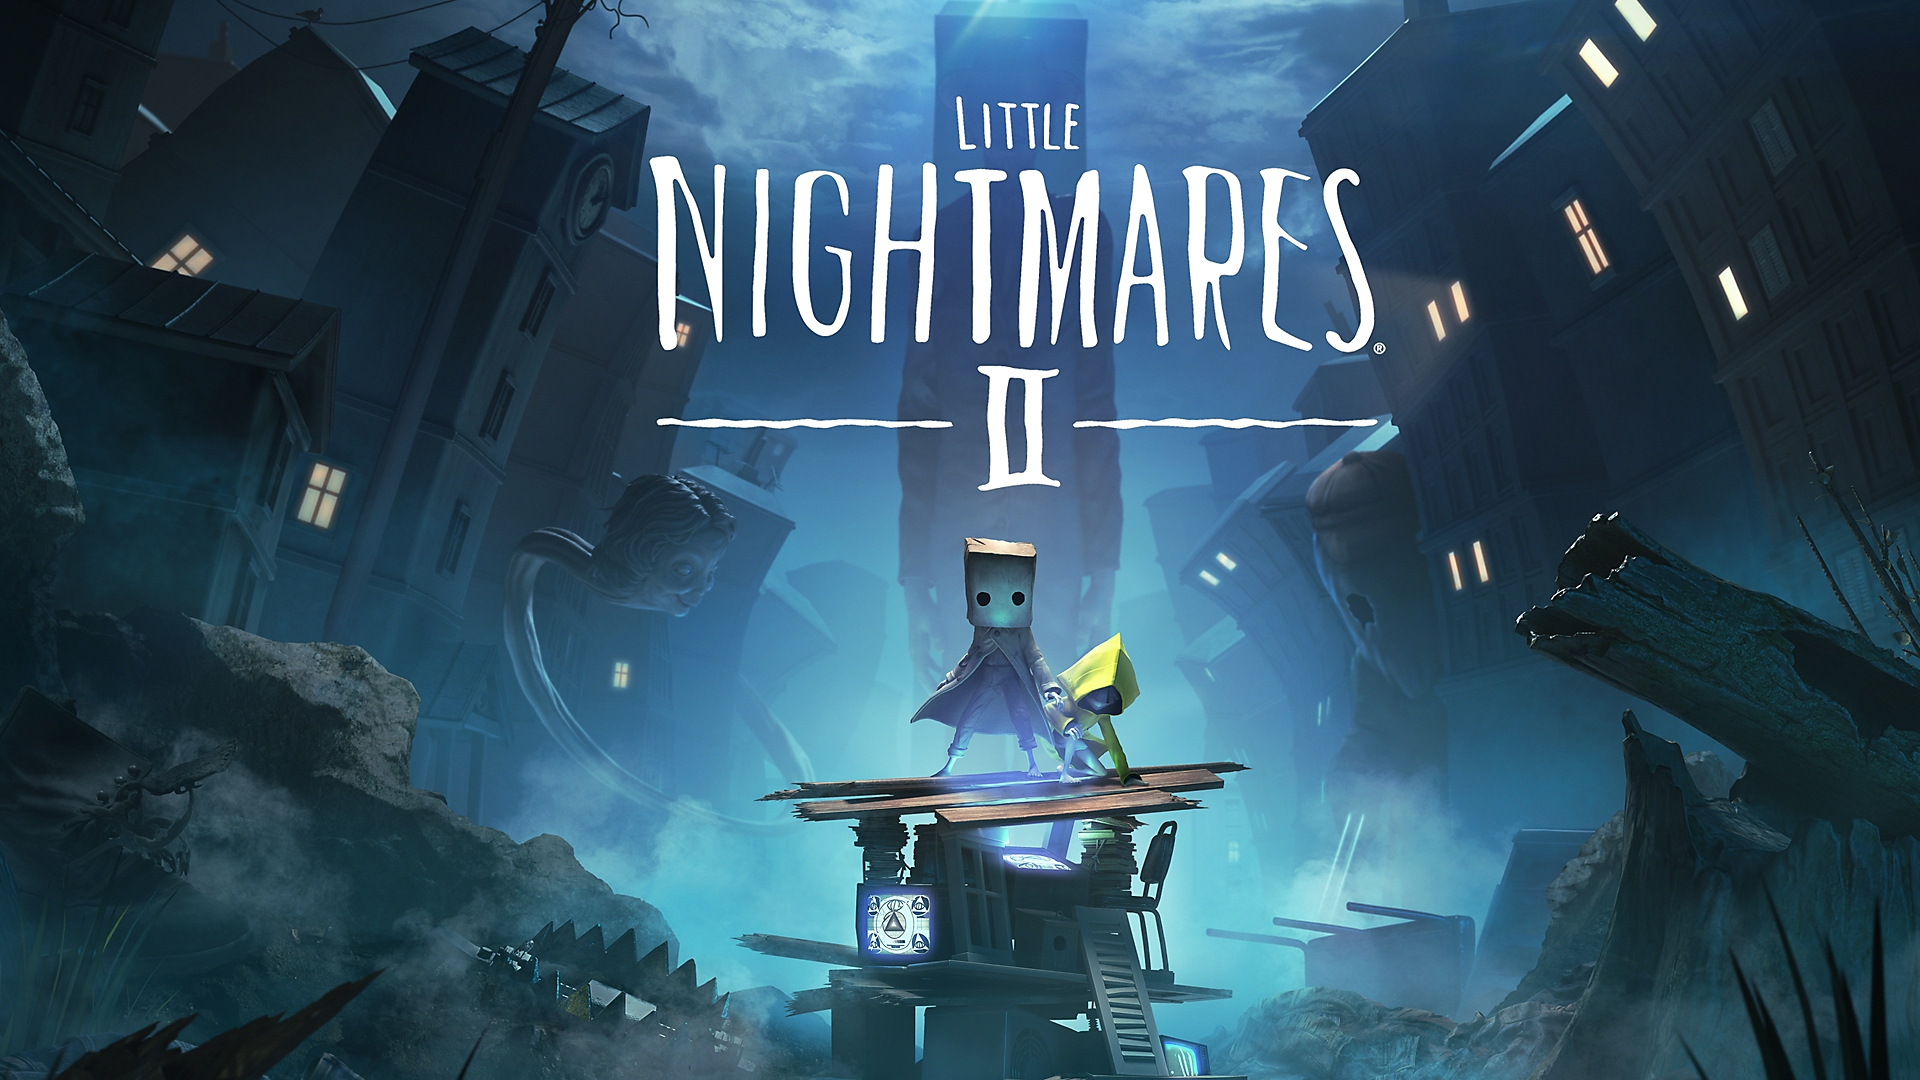 Little Nightmares II - Launch Trailer | PS4